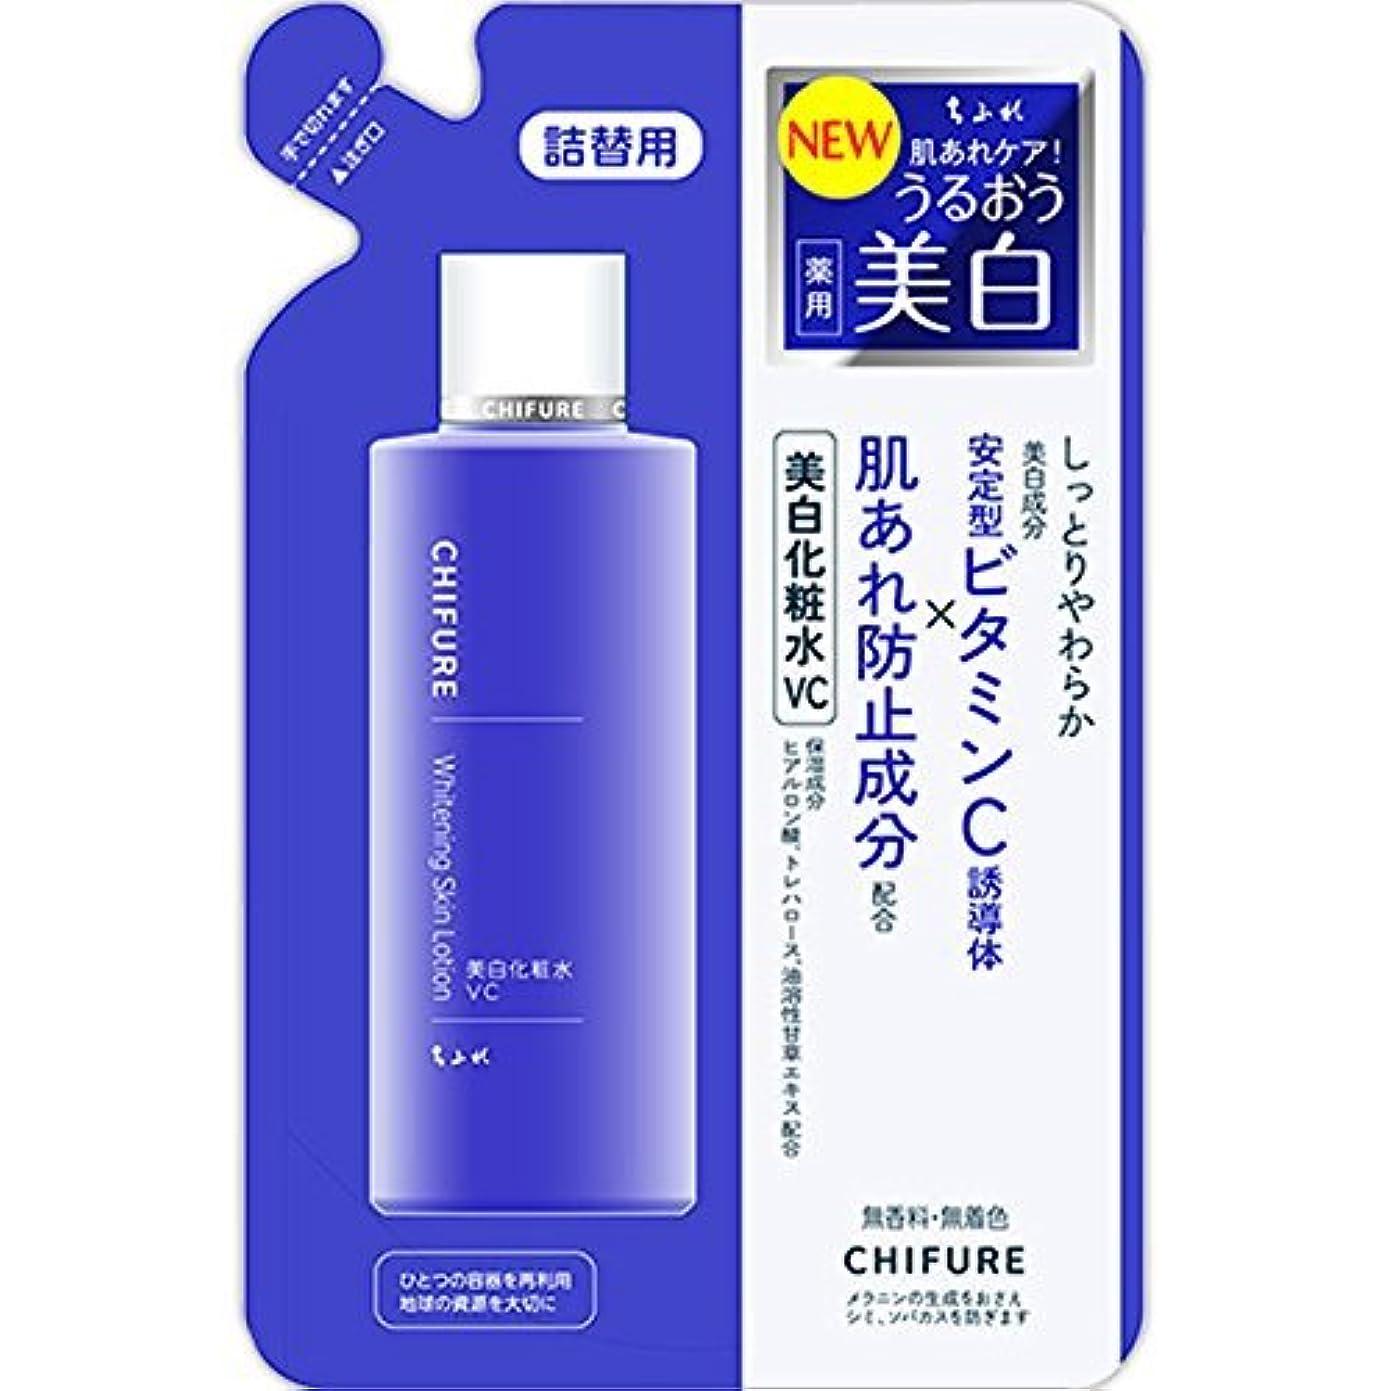 アヒルアンタゴニスト配置ちふれ化粧品 美白化粧水 VC 詰替 180ML (医薬部外品)